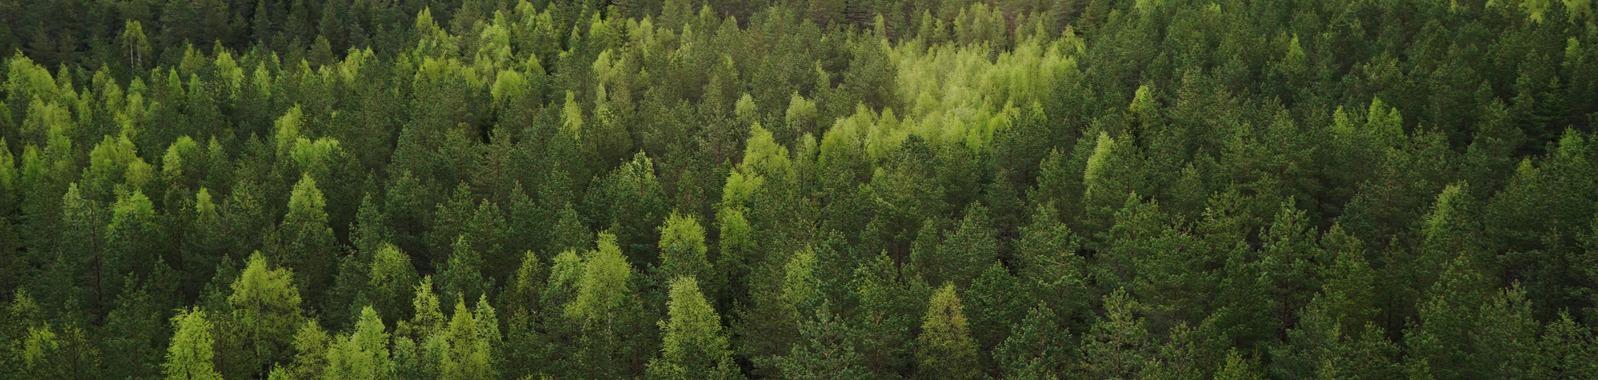 Metsän ravinnetilan selvittäminen